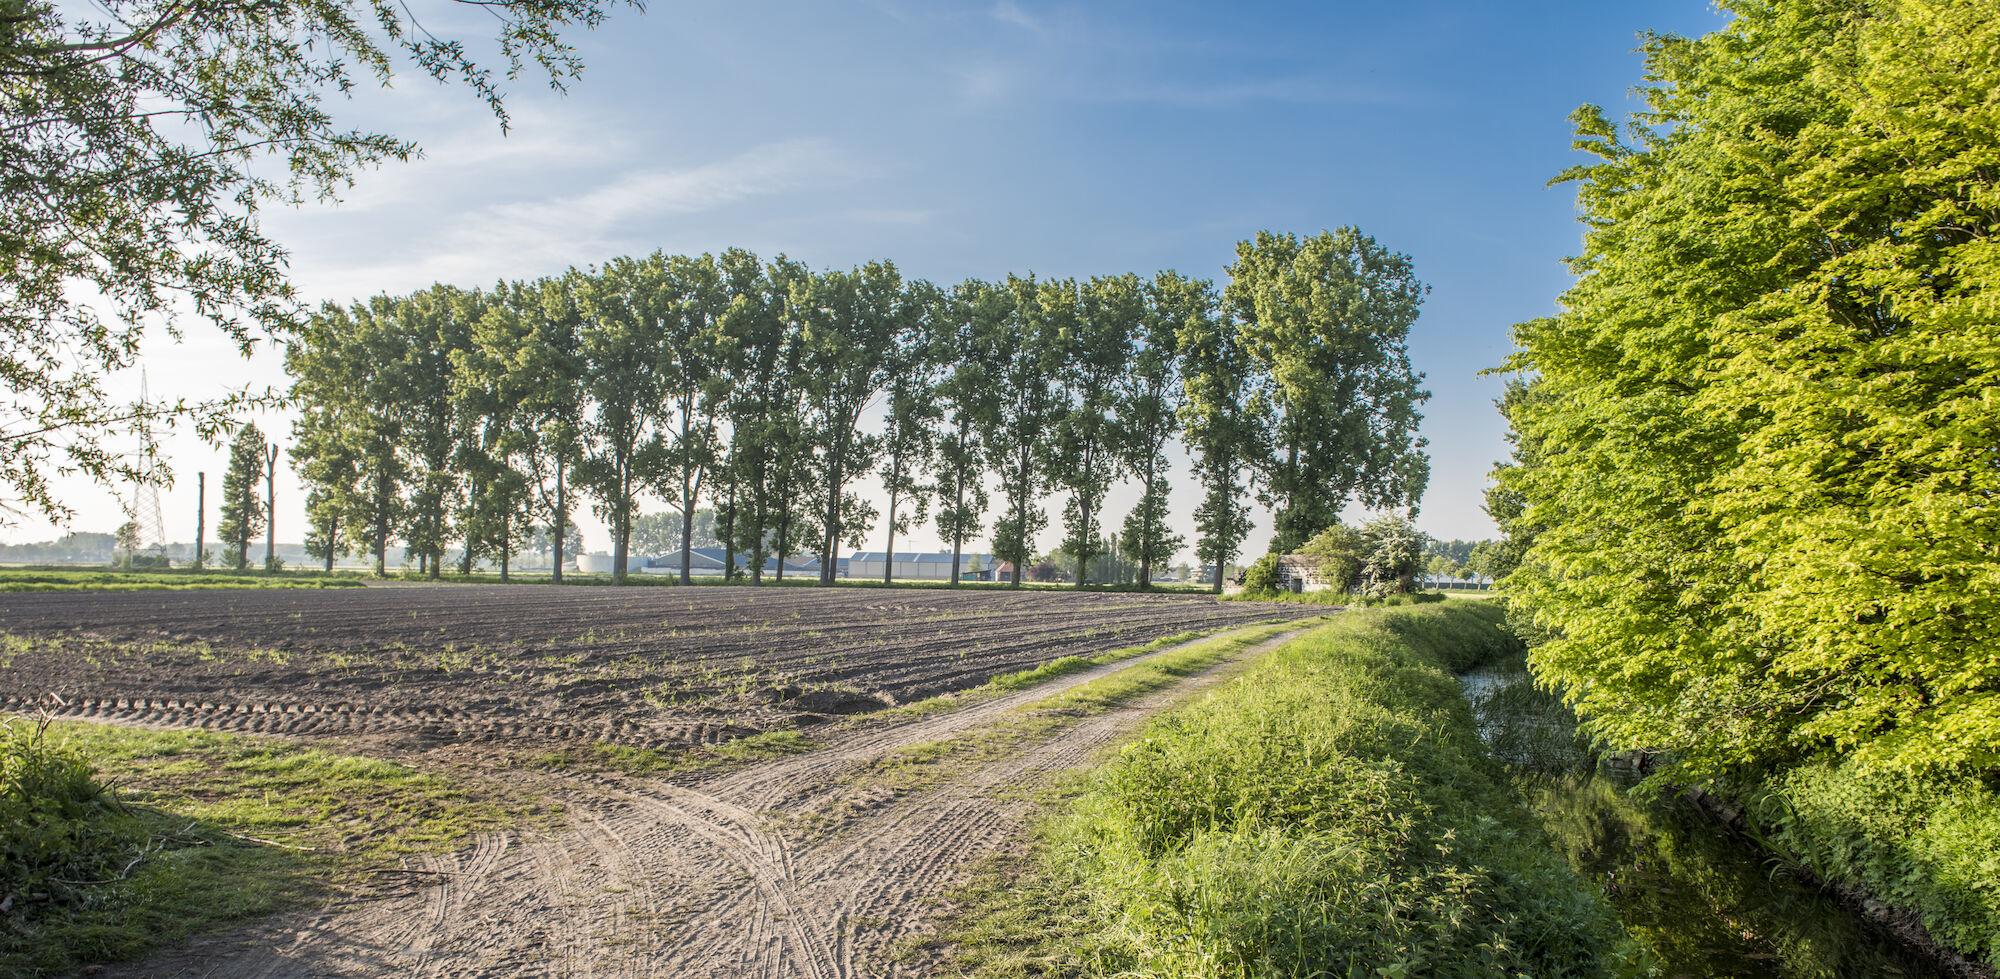 170510 bunkers Hollandstellung 00026.jpg